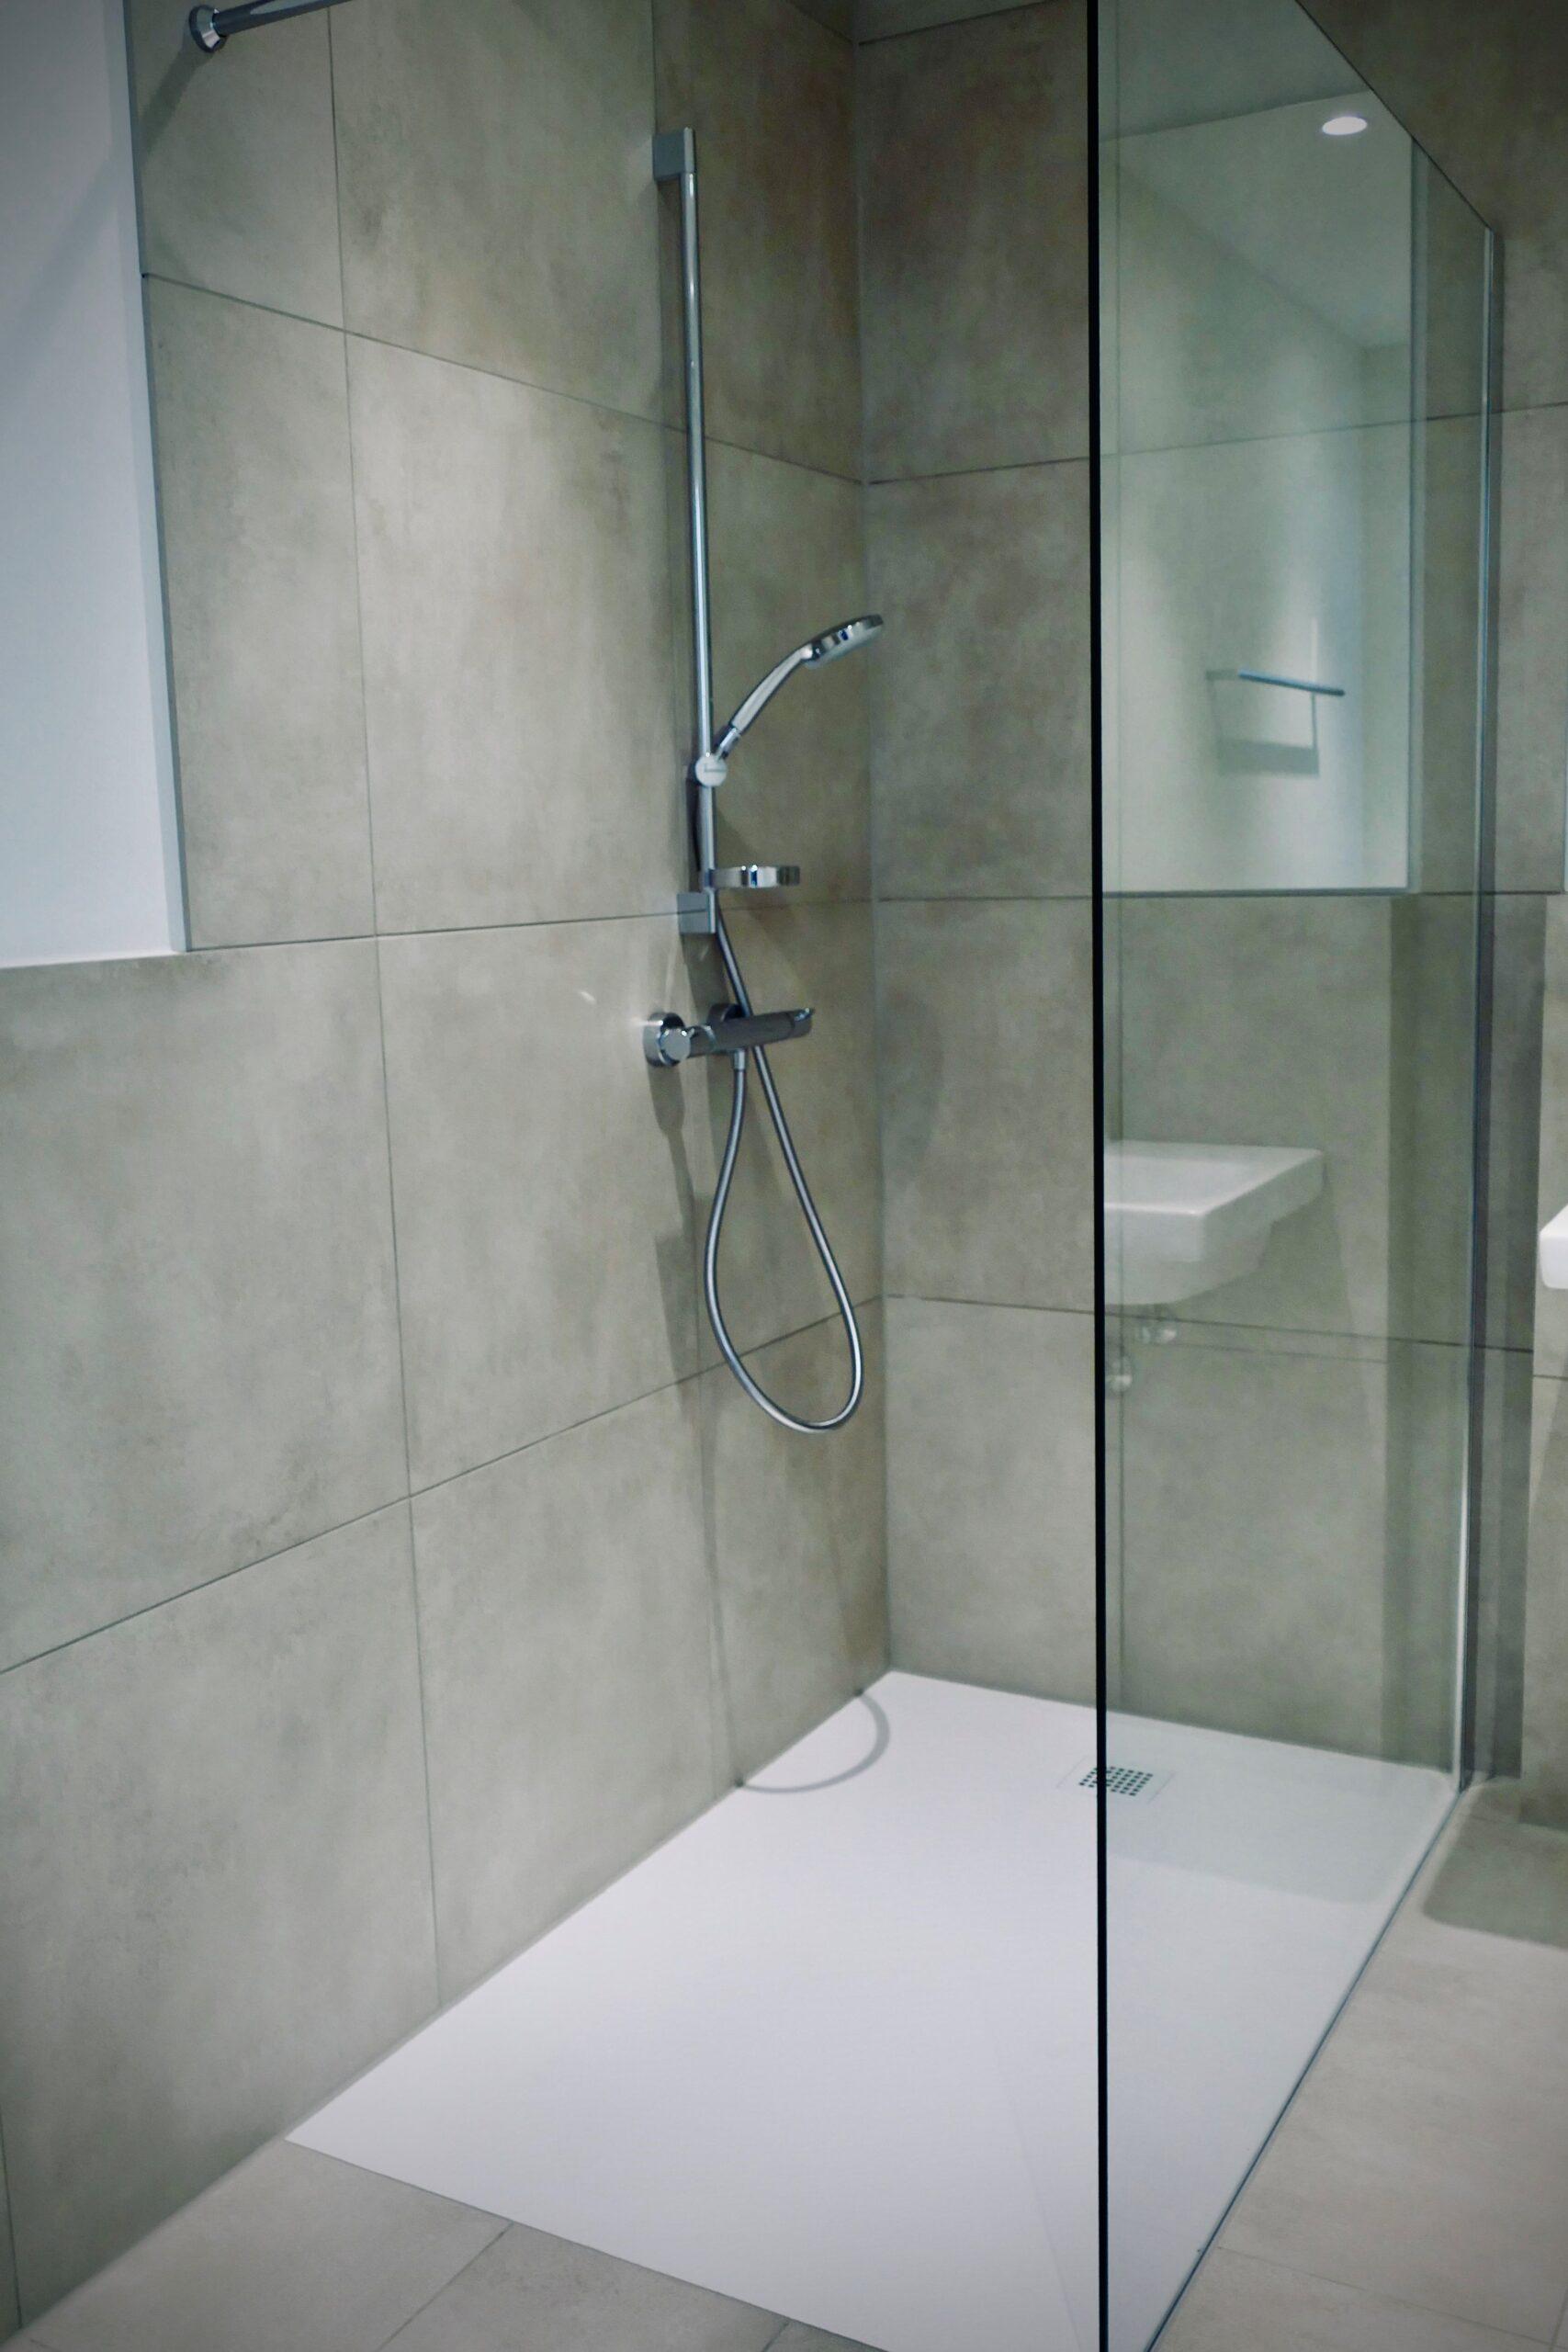 Full Size of Ebenerdige Dusche Mit Groer Glastrennwand Und Groen Grauen 90x90 Badewanne Bodengleiche Nachträglich Einbauen Glastür Mischbatterie Begehbare Fliesen Dusche Ebenerdige Dusche